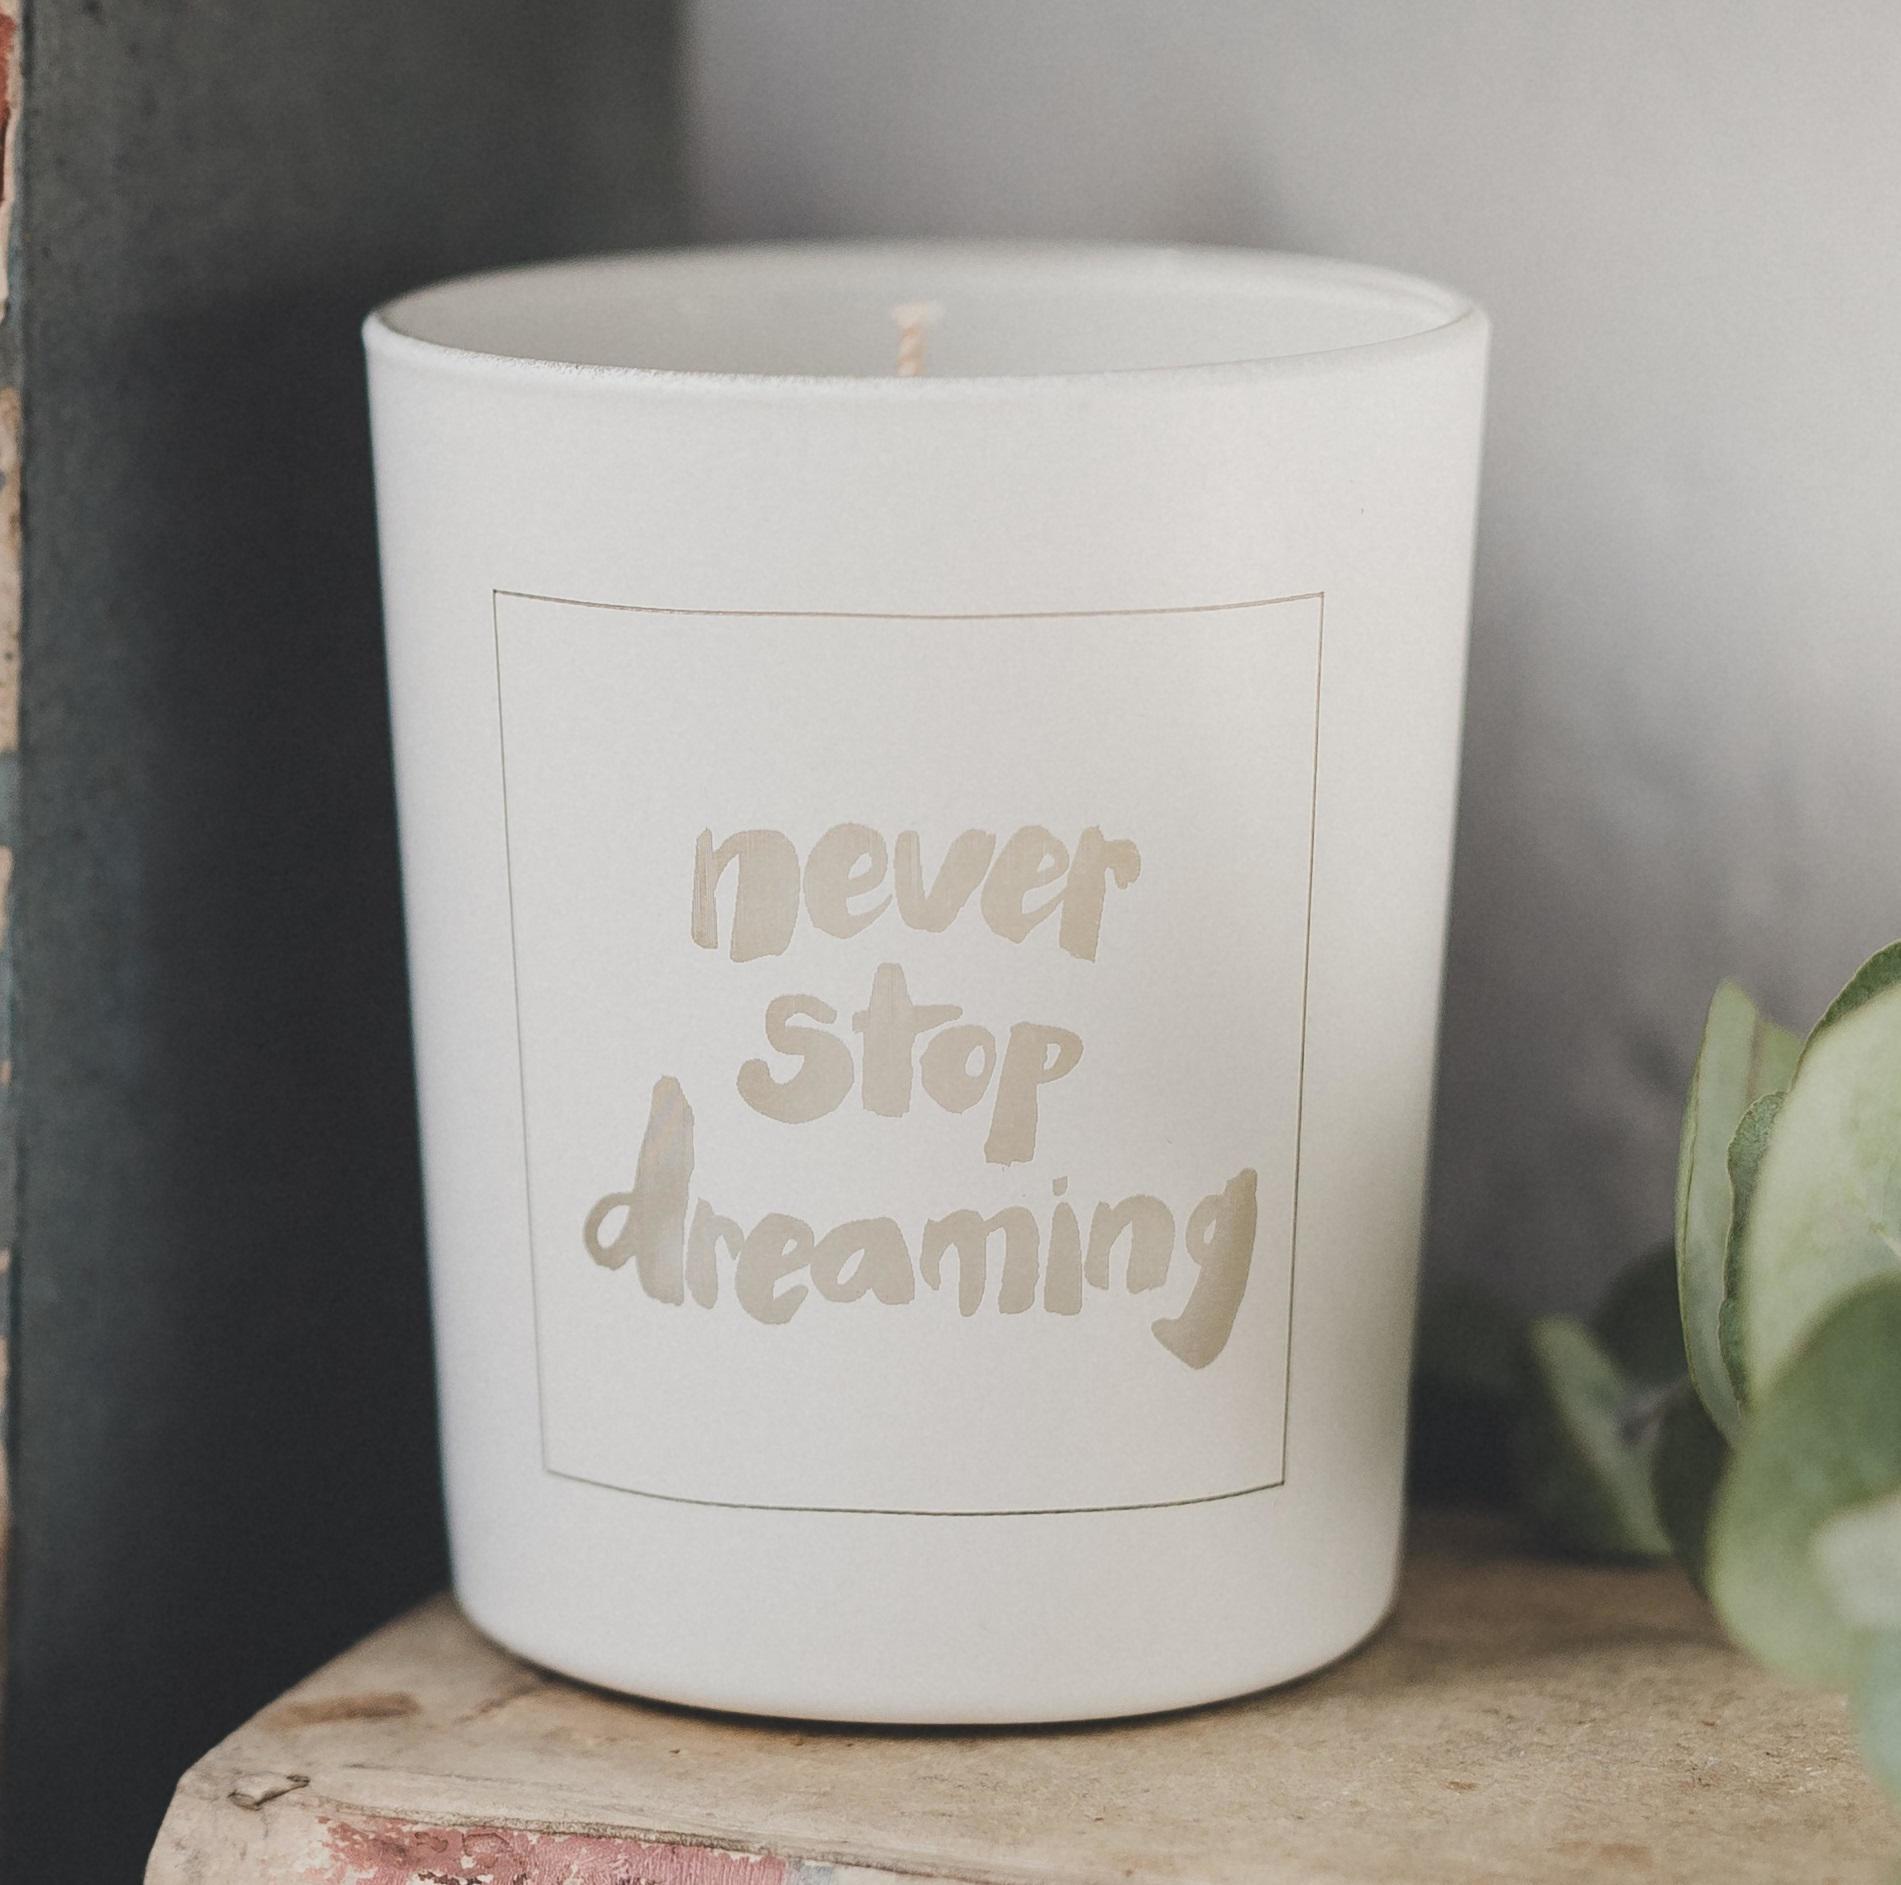 Love Inc. Bílá svíčka Never stop dreaming - fíky a bílé pižmo, bílá barva, sklo, dřevo, vosk